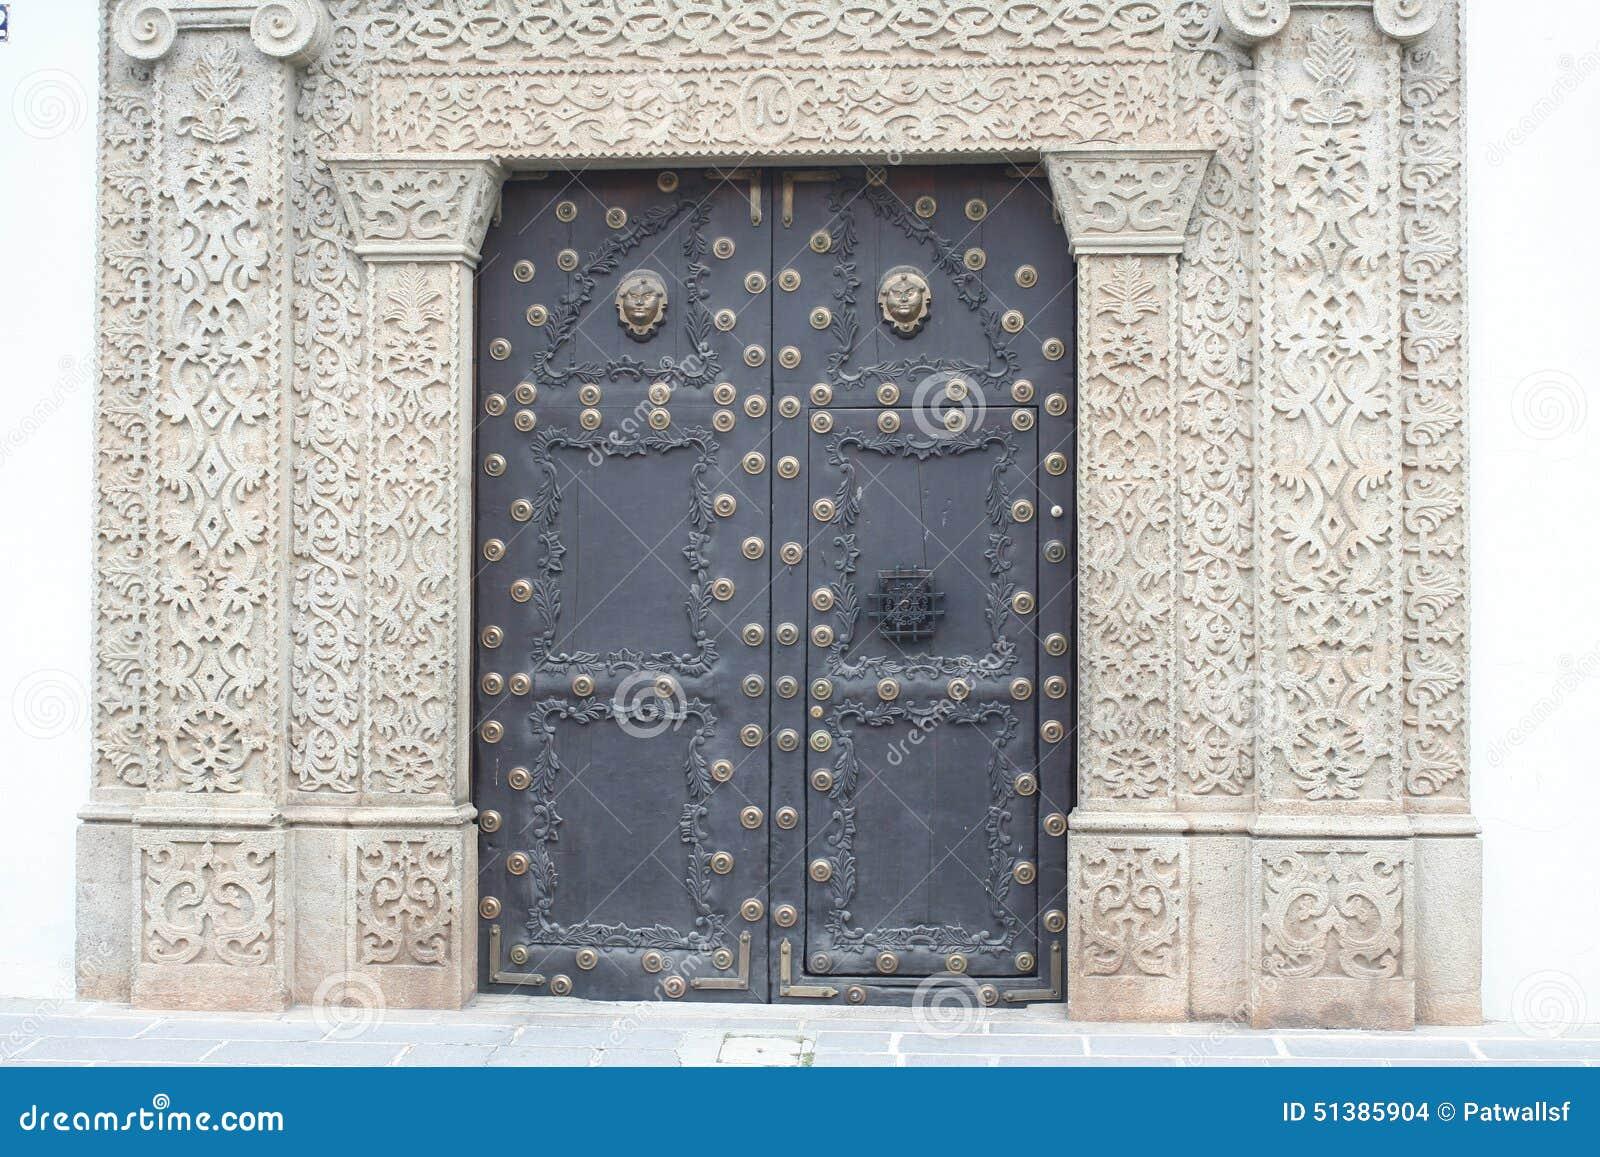 Big Metal Door : Intricate stonework frames large metal door in antigua